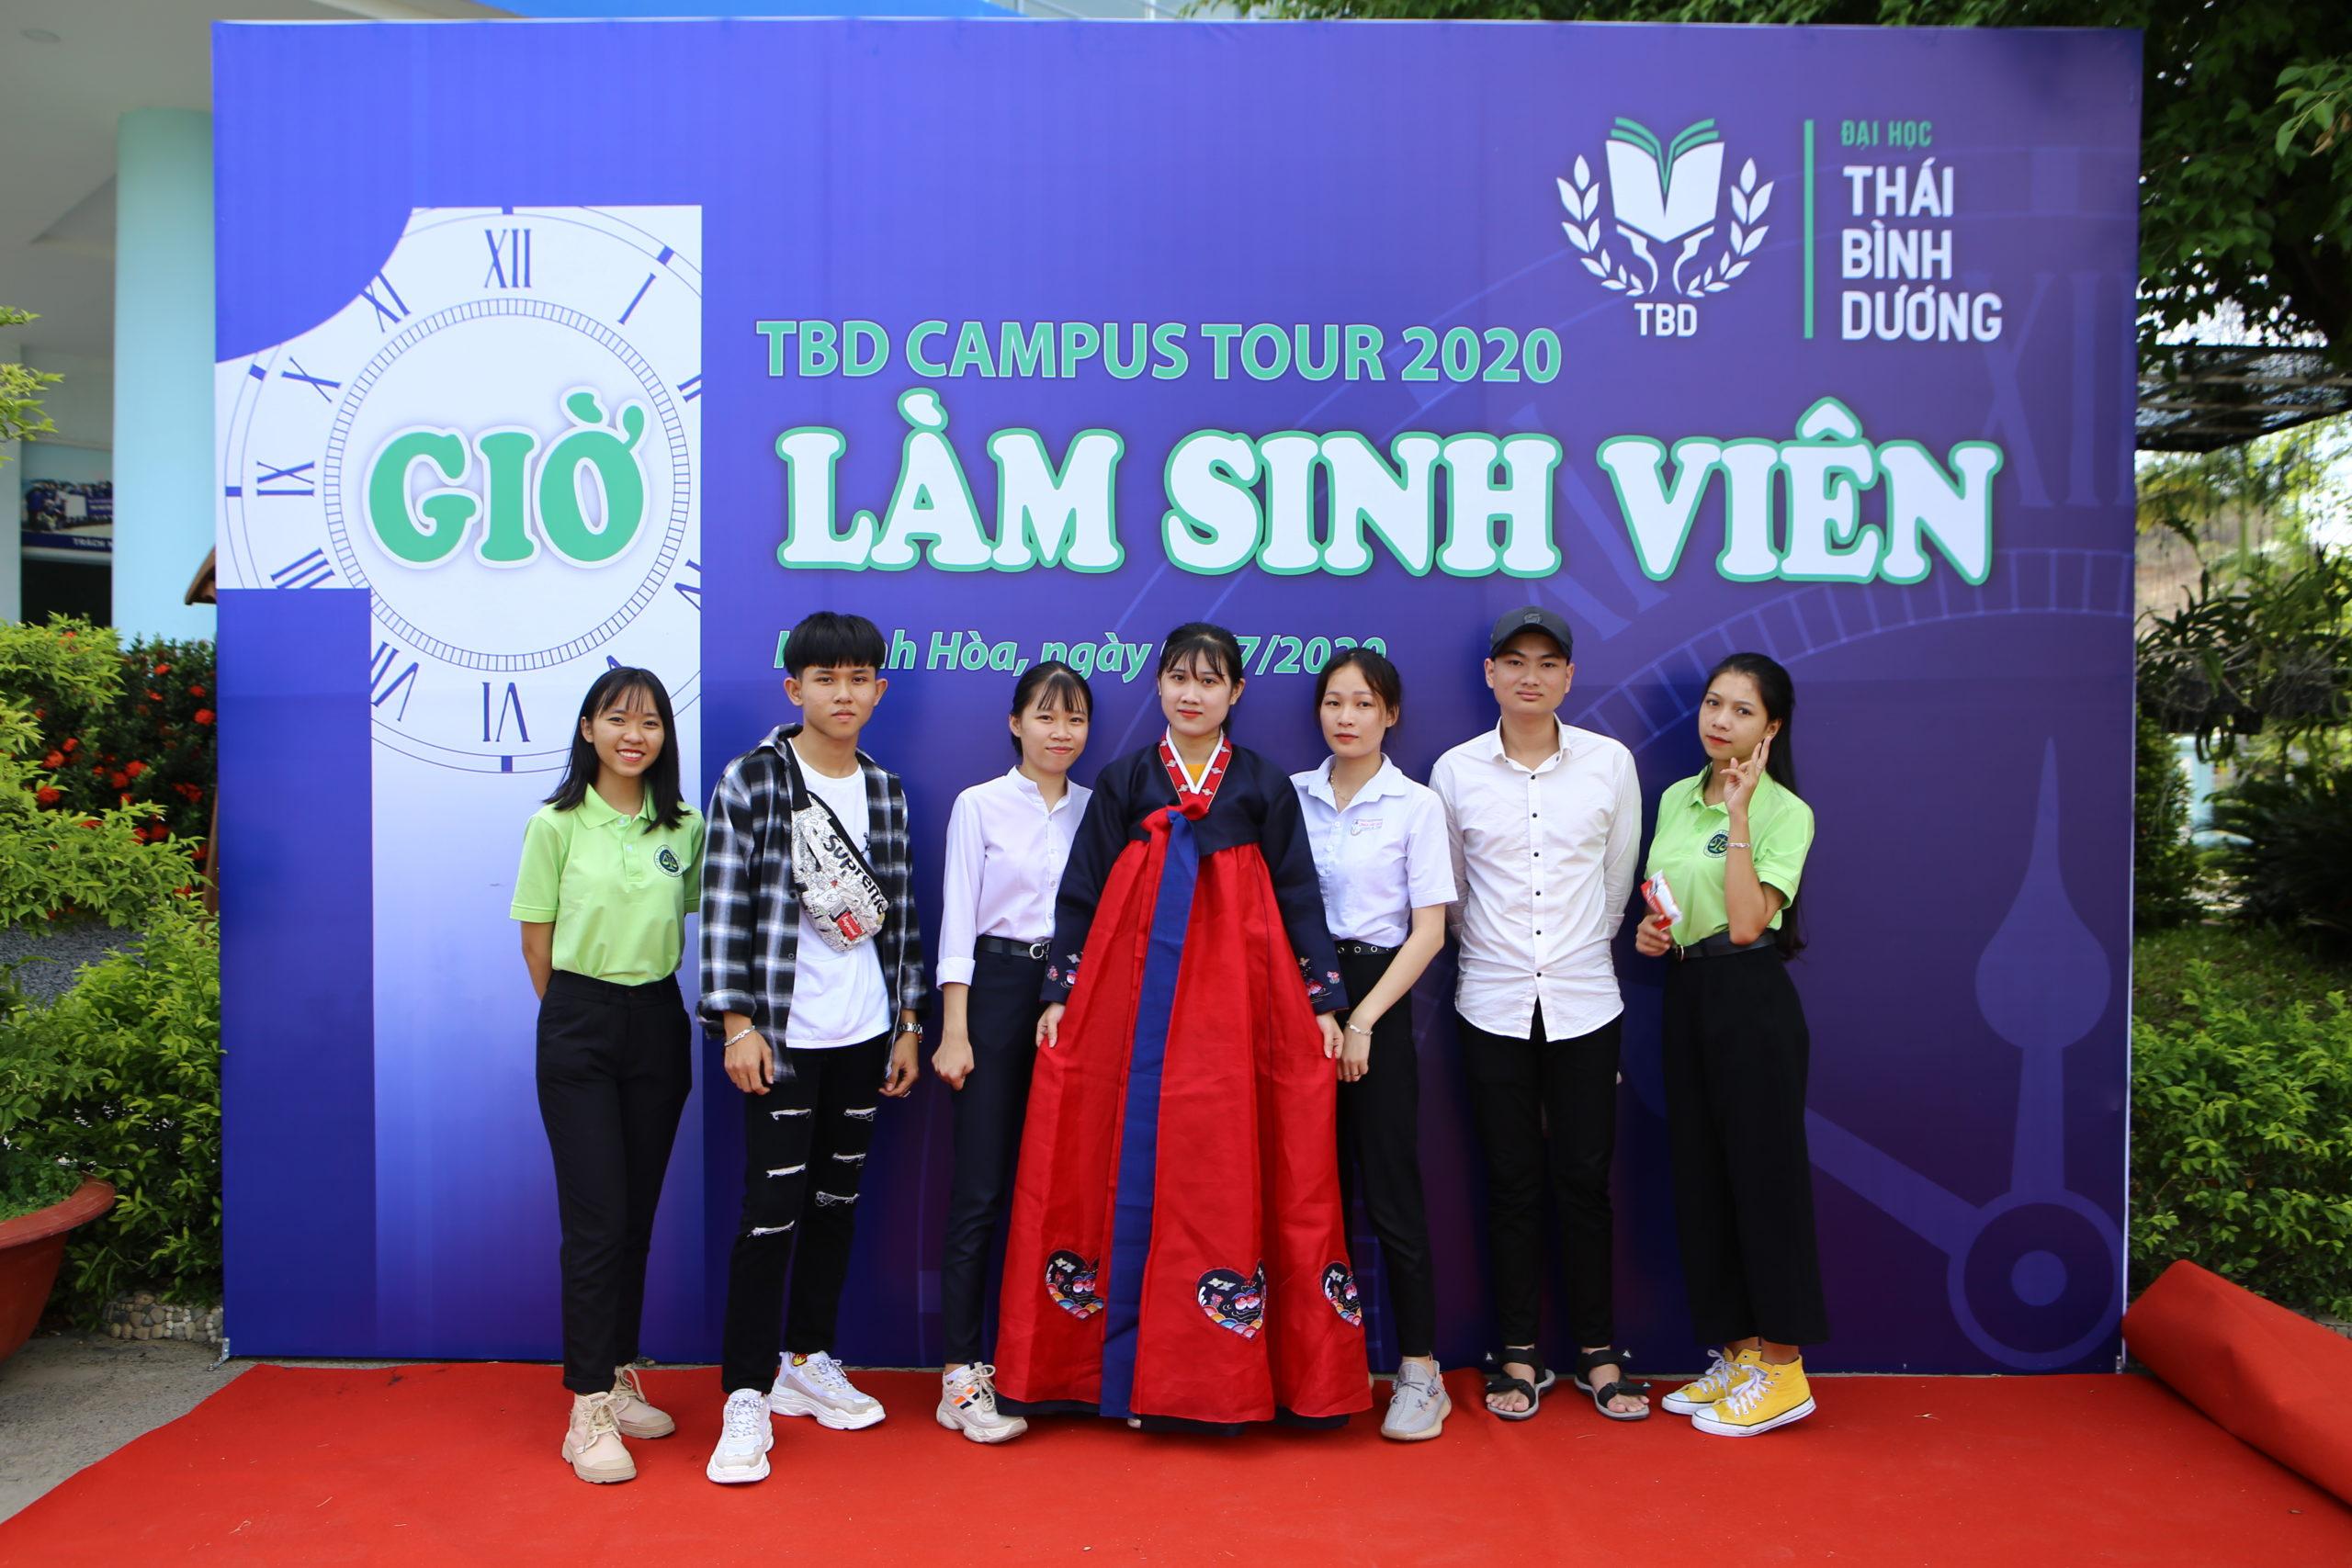 Chùm ảnh: TBD Campus Tour 2020  –  Trải nghiệm một giờ làm sinh viên